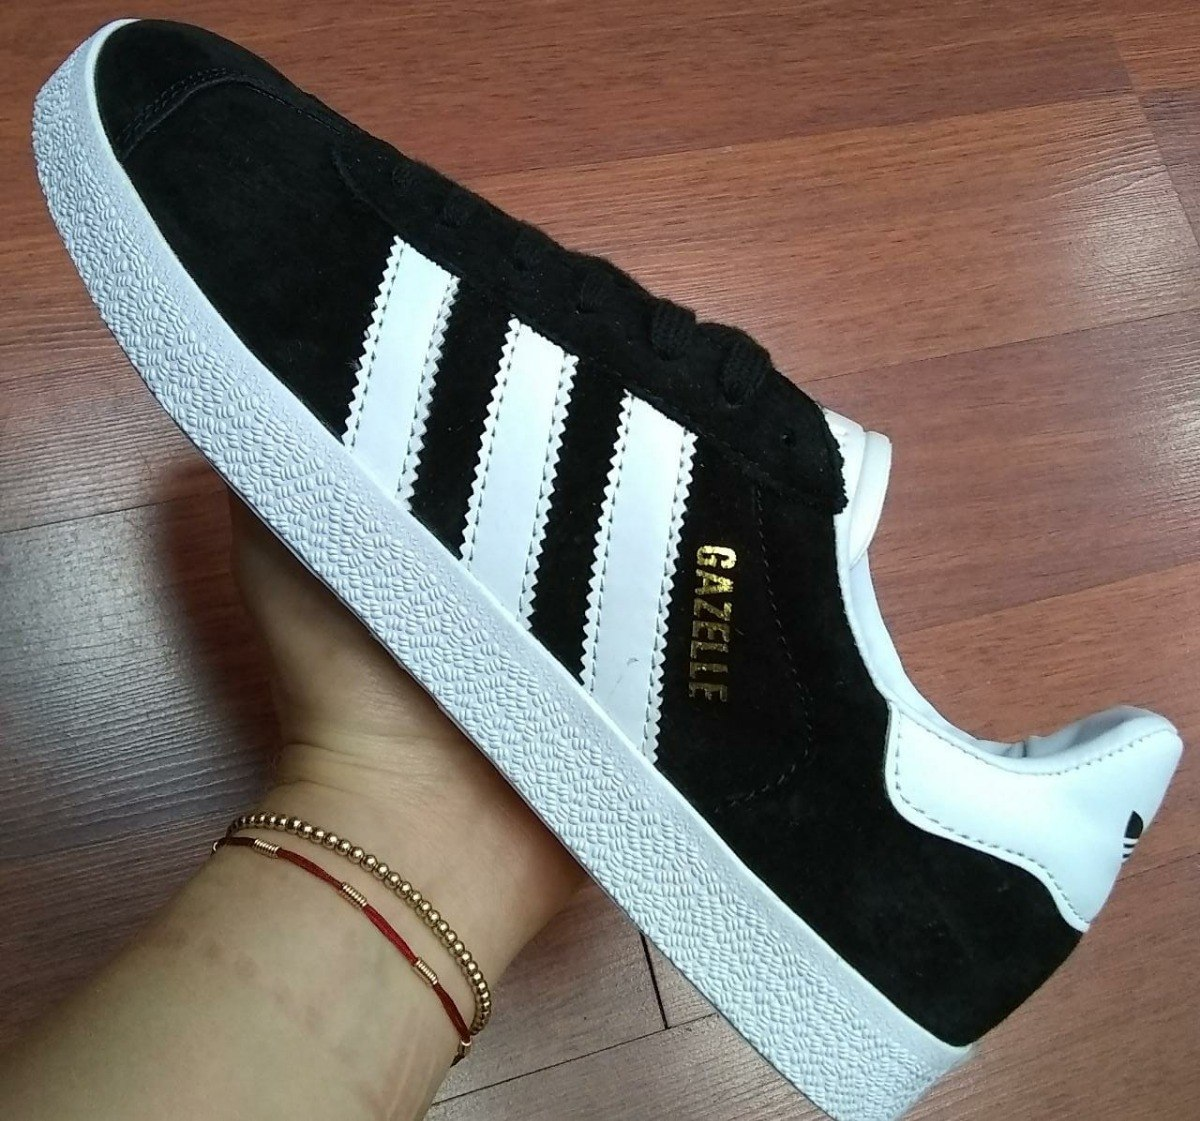 Zapatillas adidas Gazelle Colores Tenis Varios 3T51KuJlFc